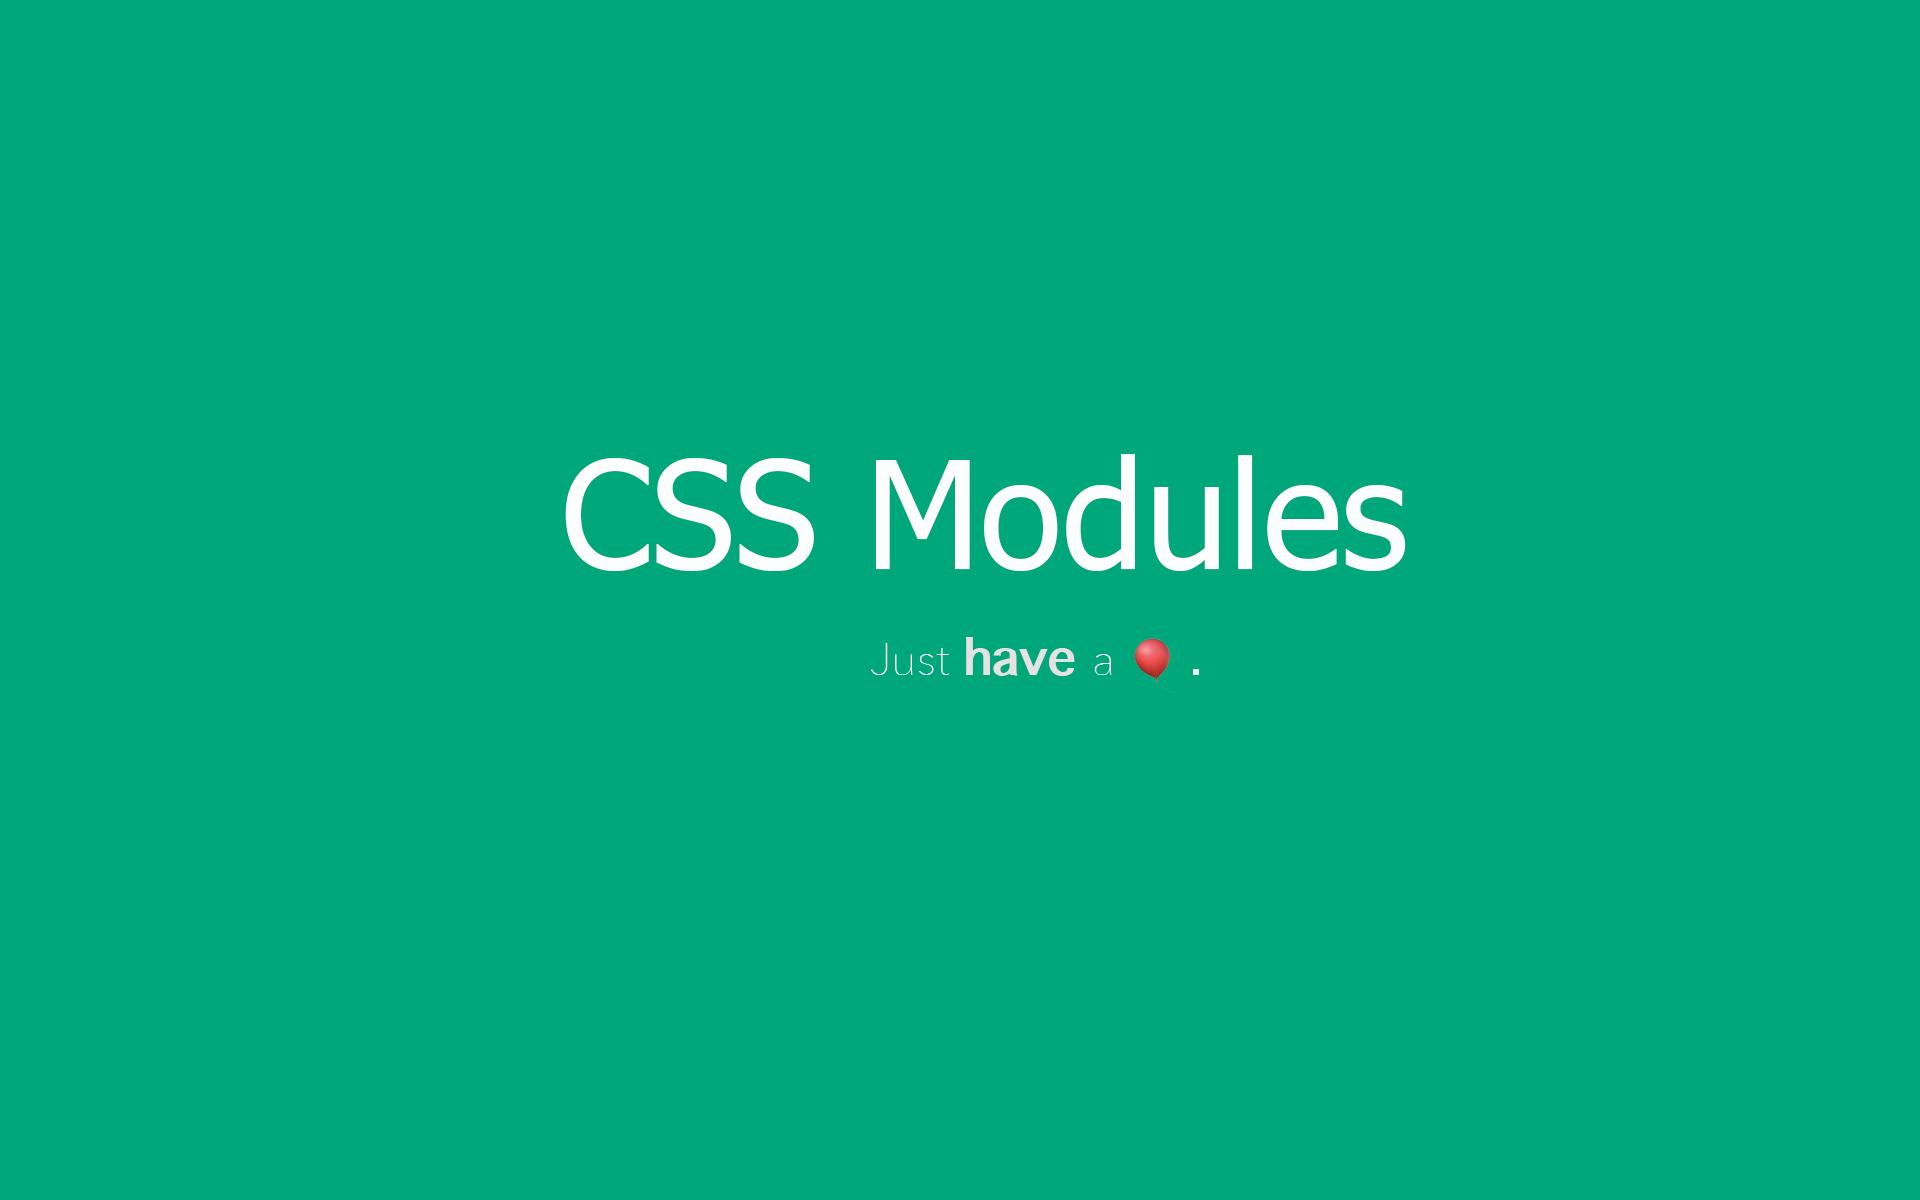 CSS Modules